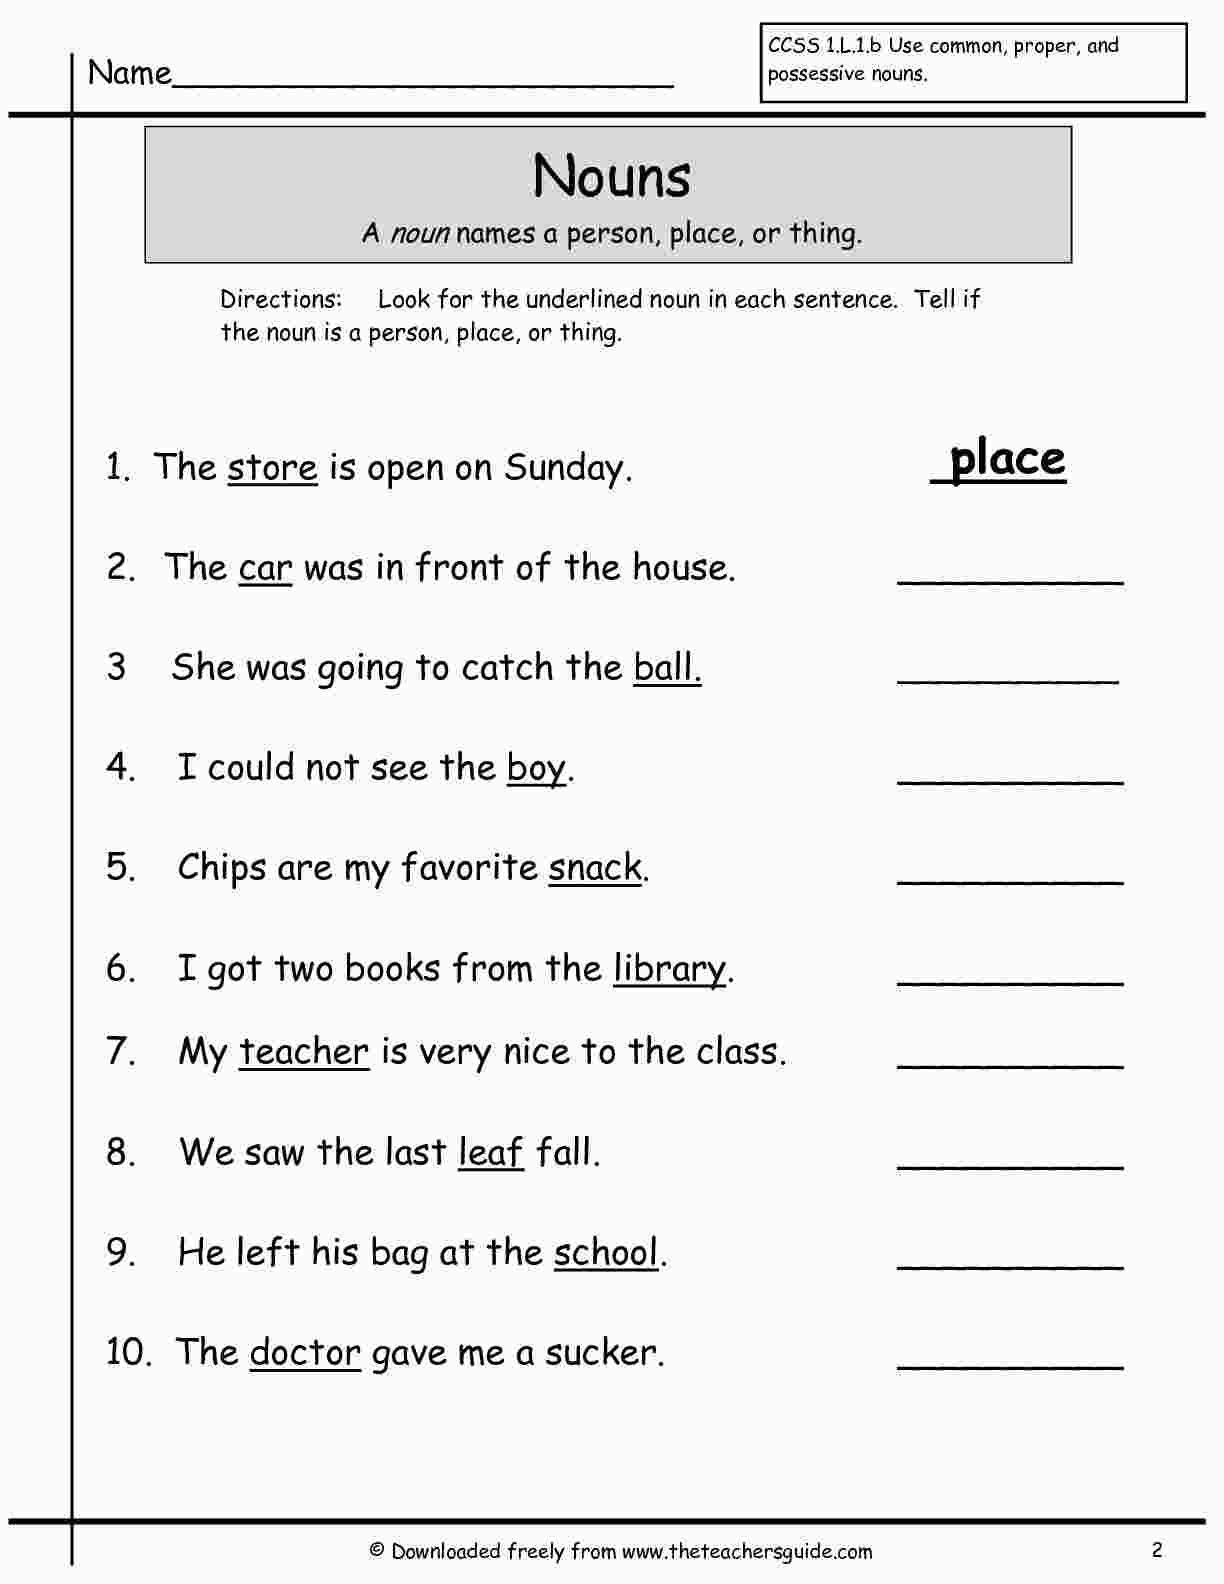 Nouns Worksheet For Grade 1